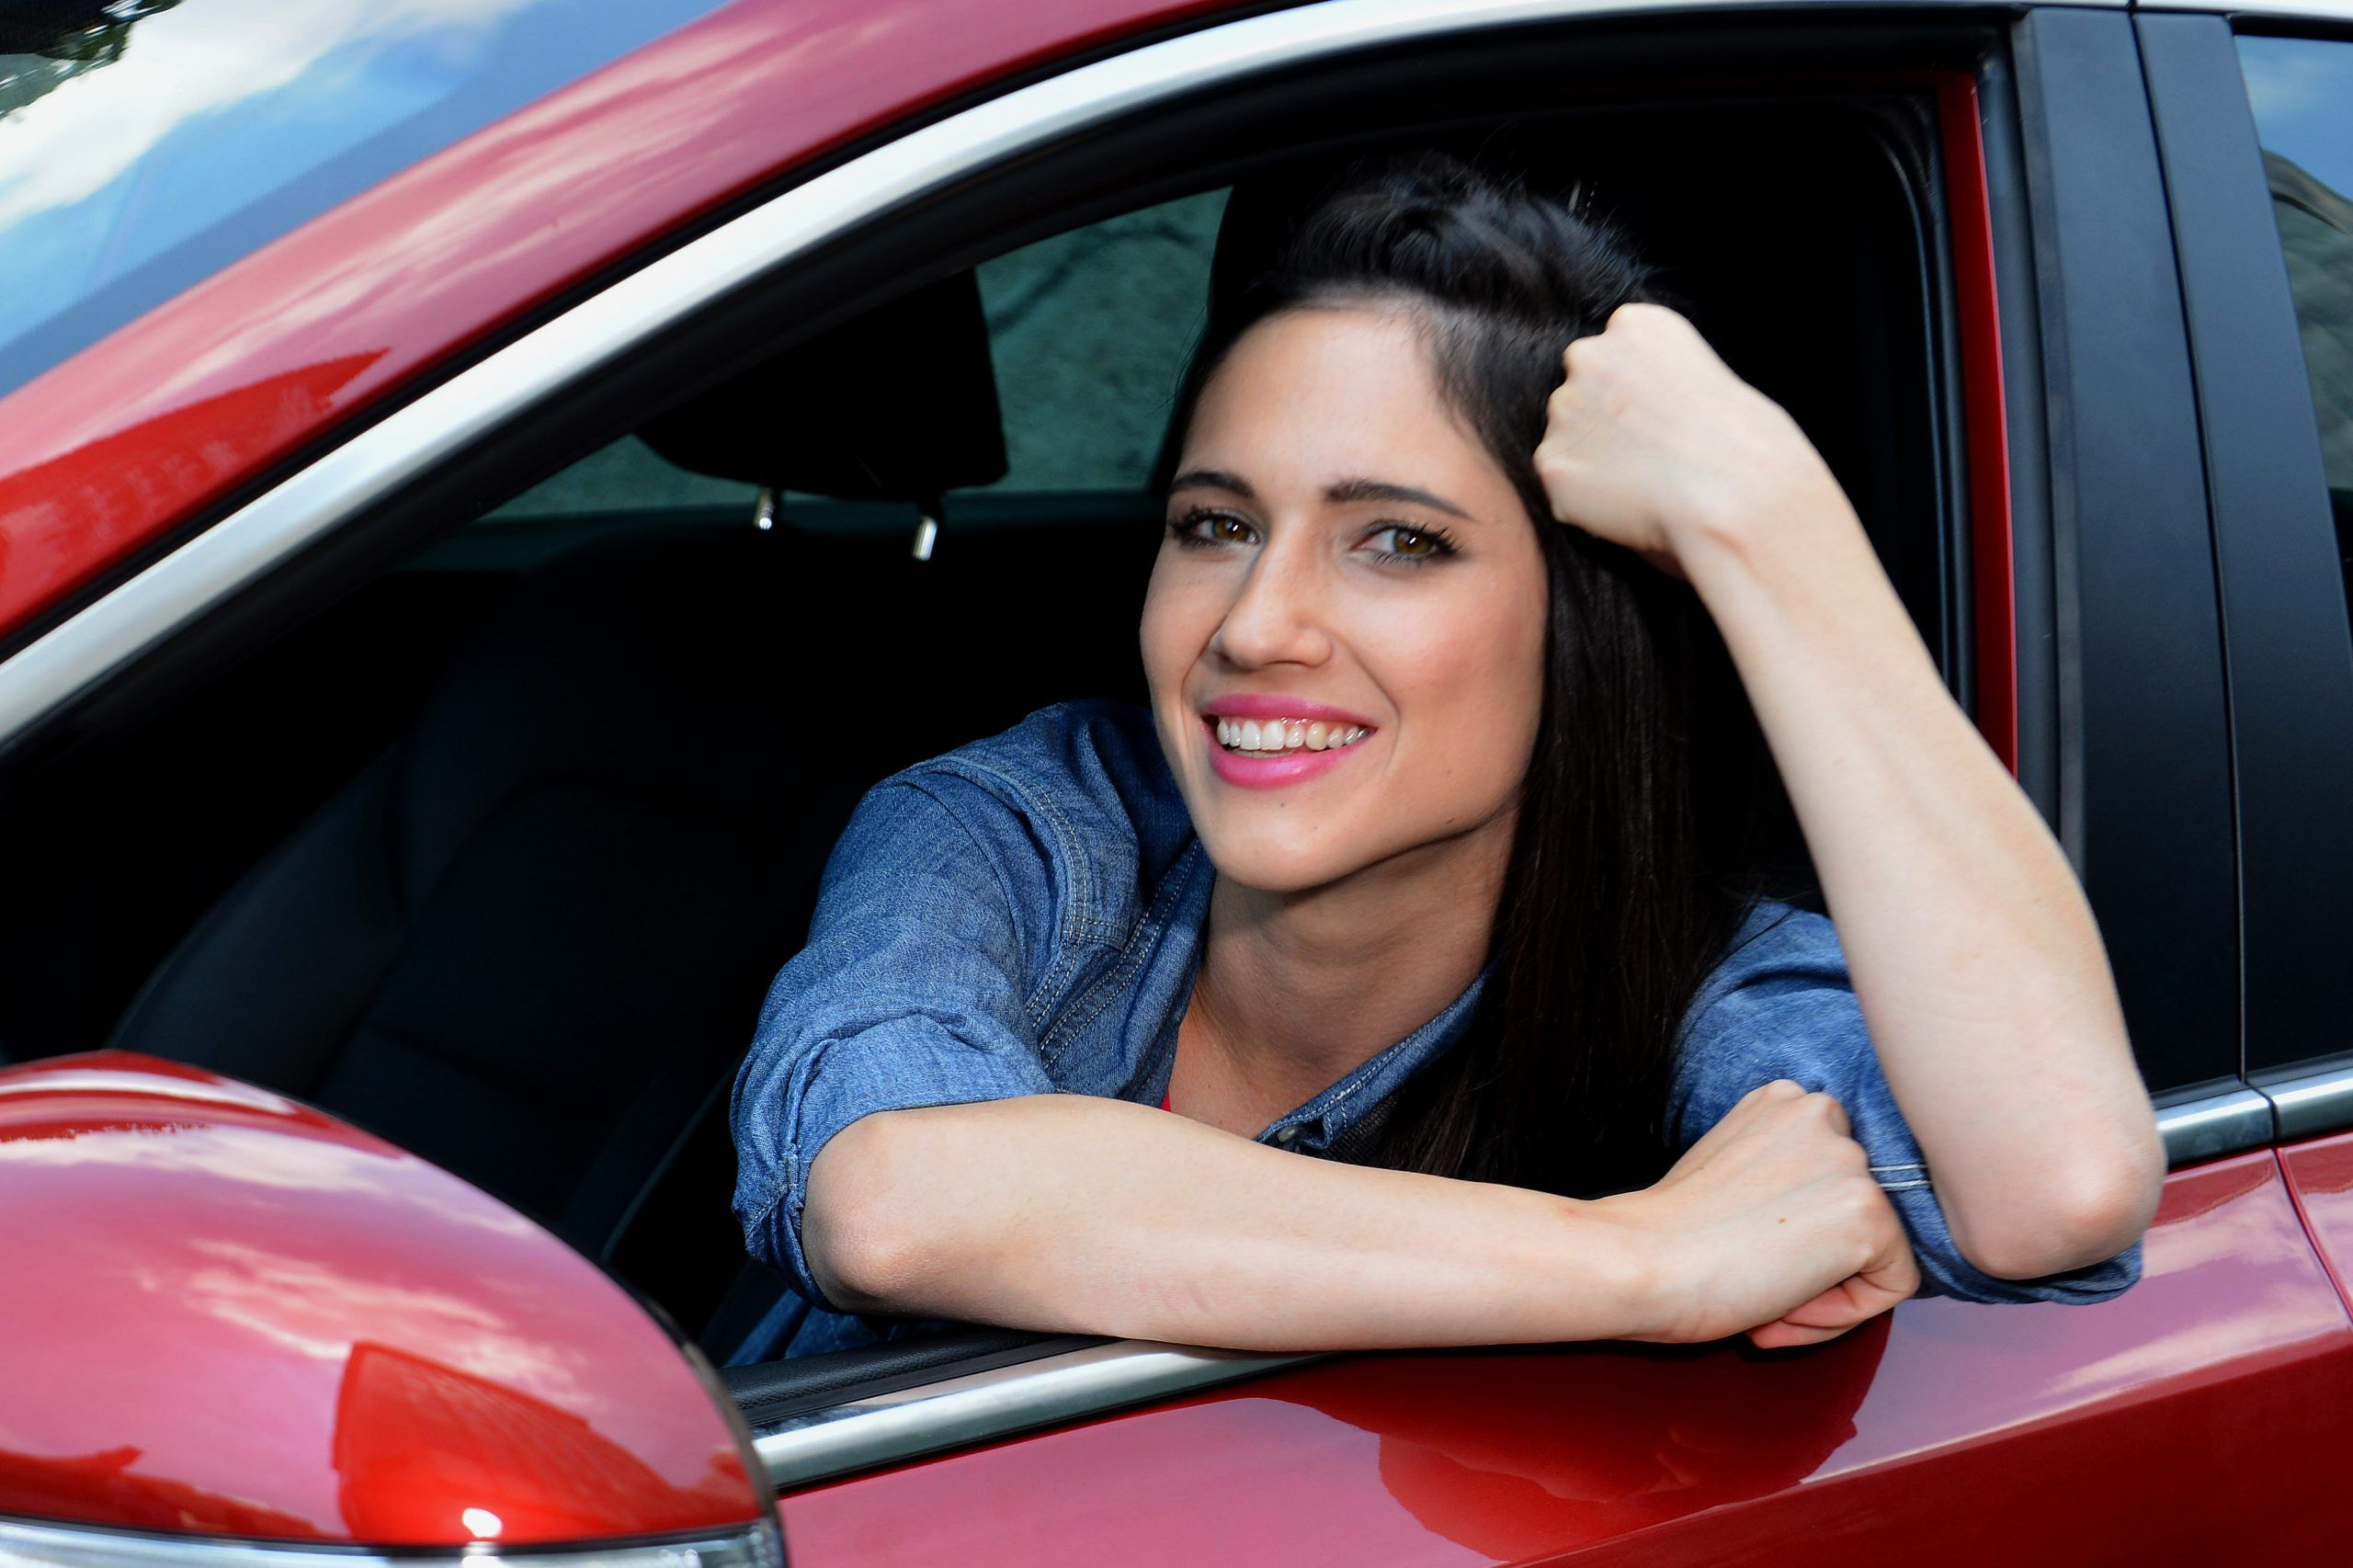 Singing in the car: il nuovo game musicale di Tv8 dove la semplicità paga